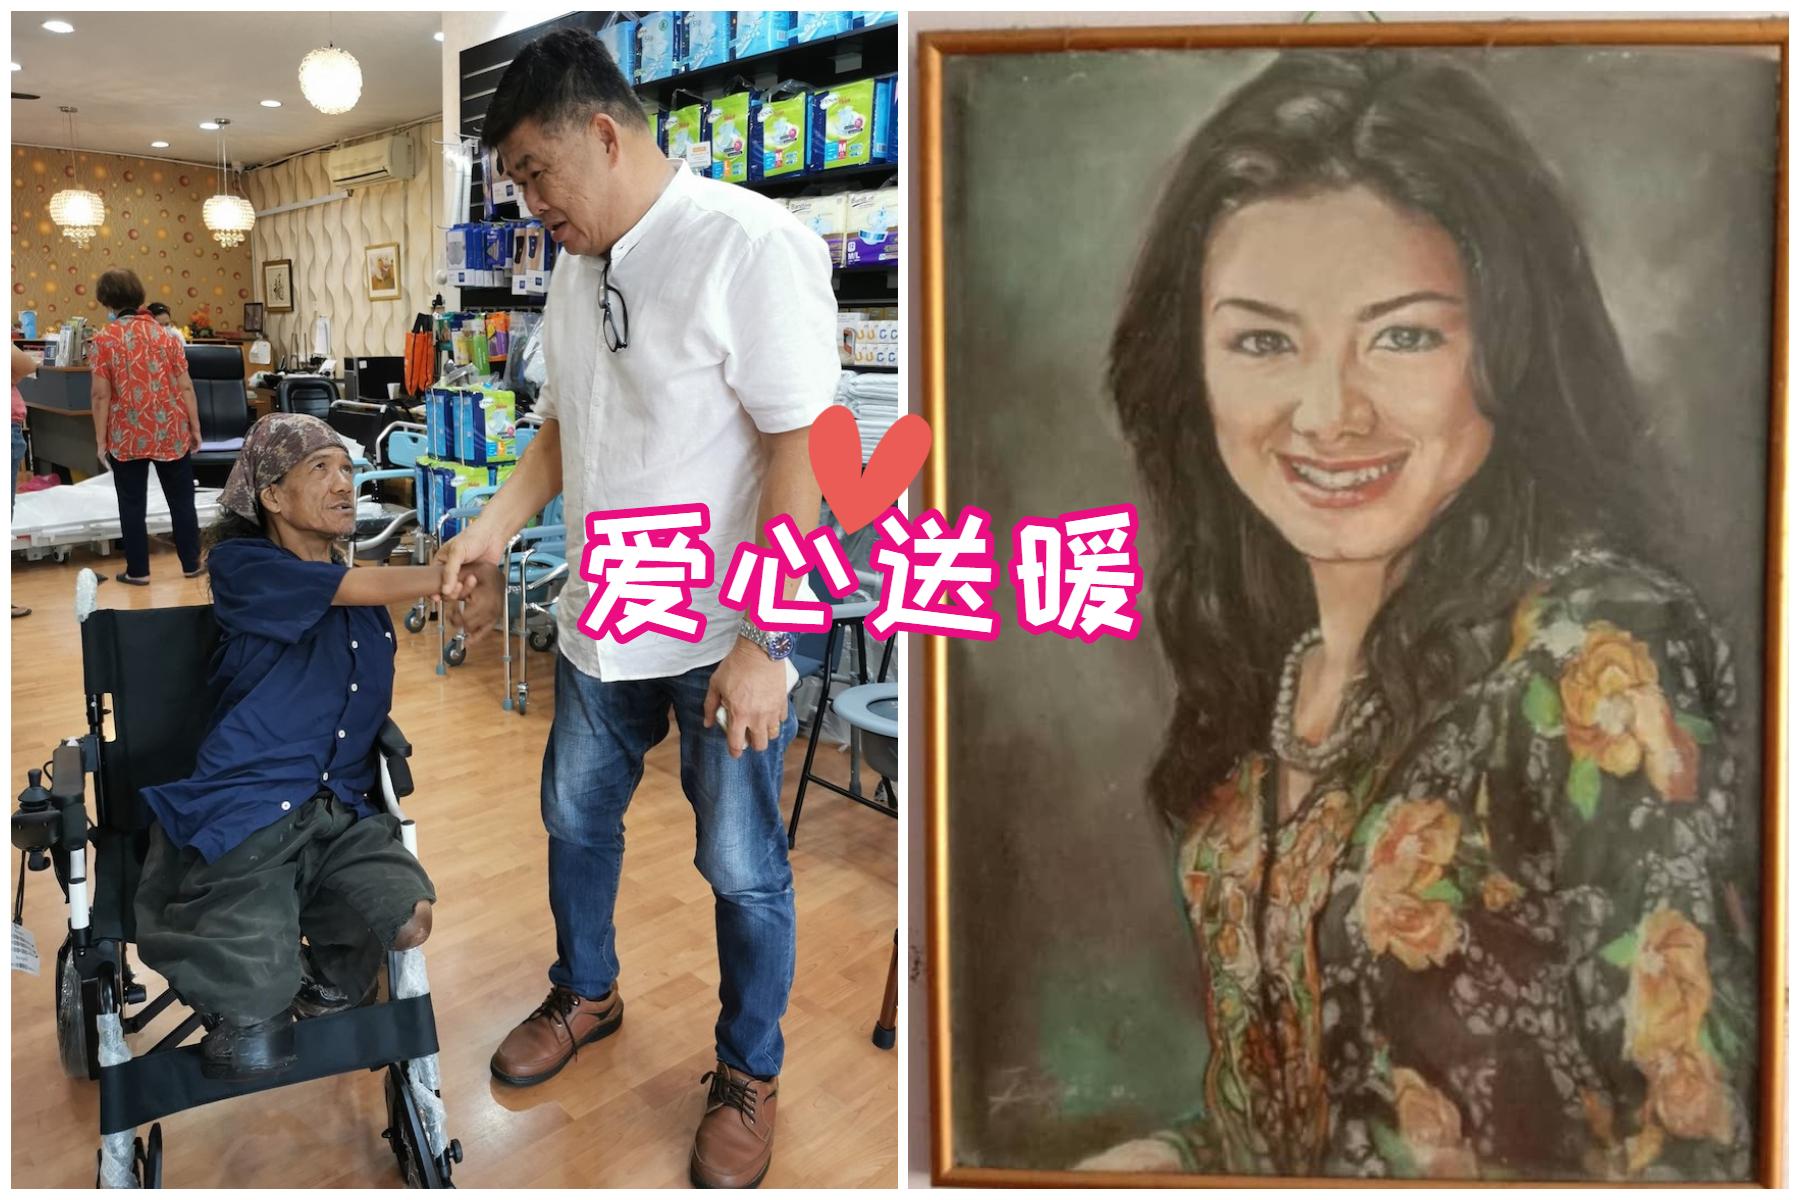 在关志庭将轮椅移交给素描艺术家达乌时,两人忍不住失控痛哭。-摘自Ambulance Uncle Kentang脸书/精彩大马制图-